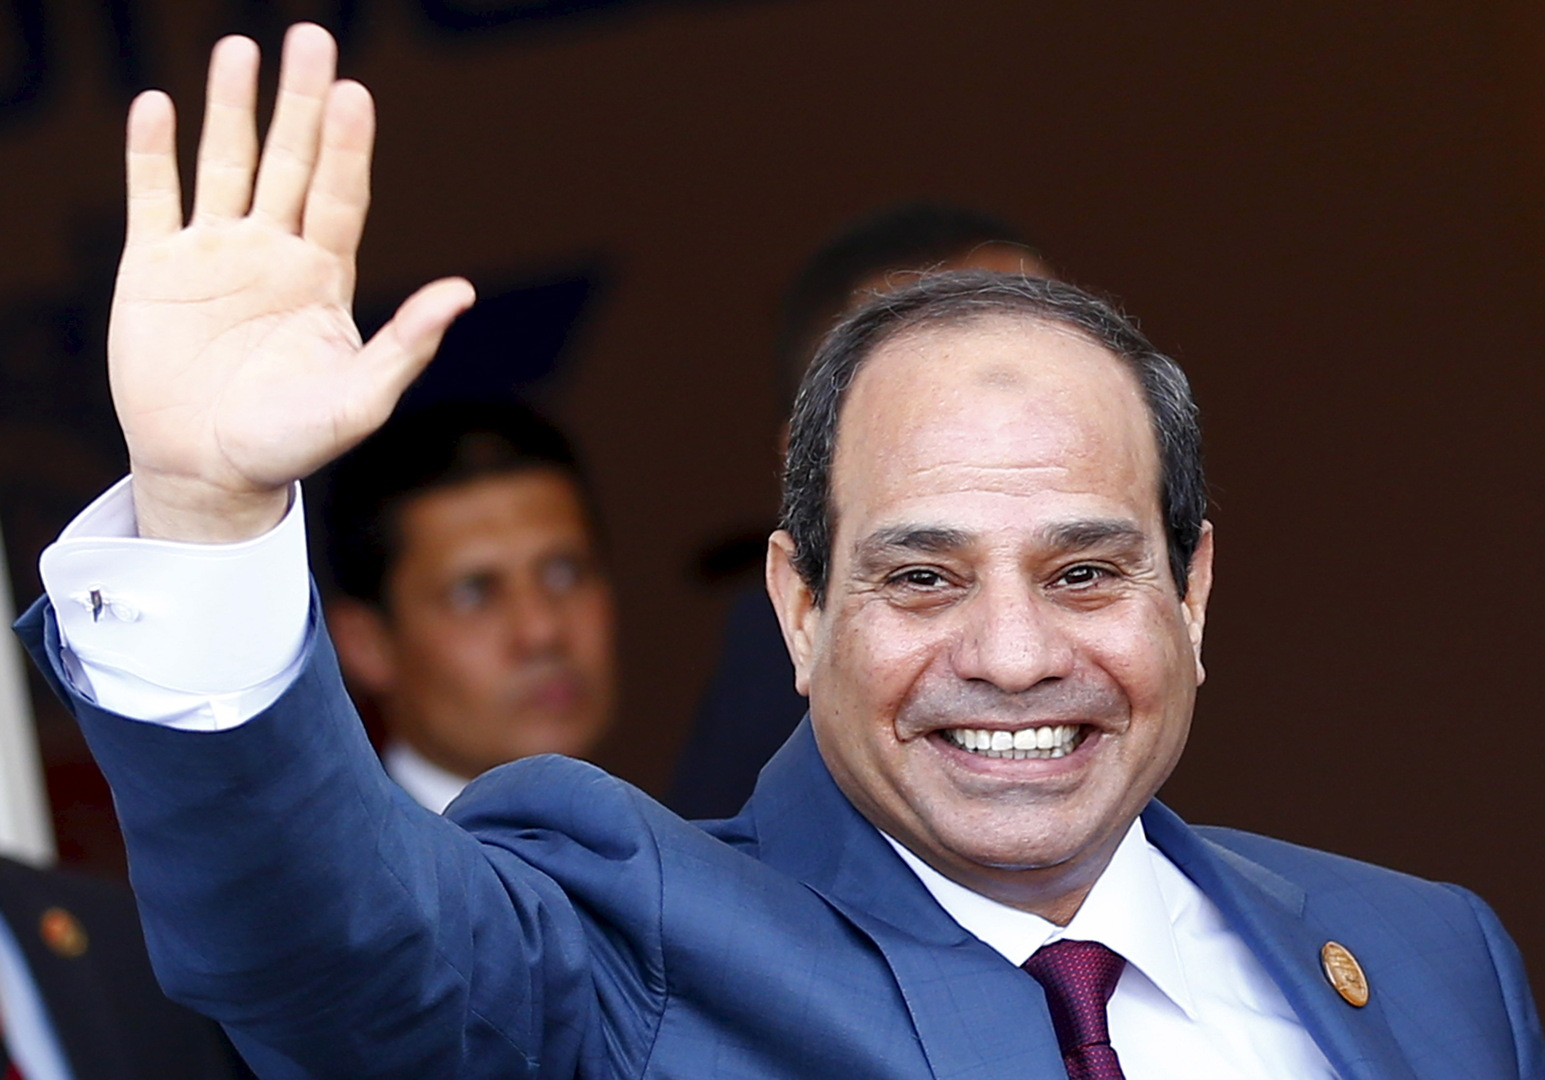 مصر.. السيسي يعلن تقديم 100 منحة دولية لطلاب الثانوية العامة الحاصلين على المراكز الأولى